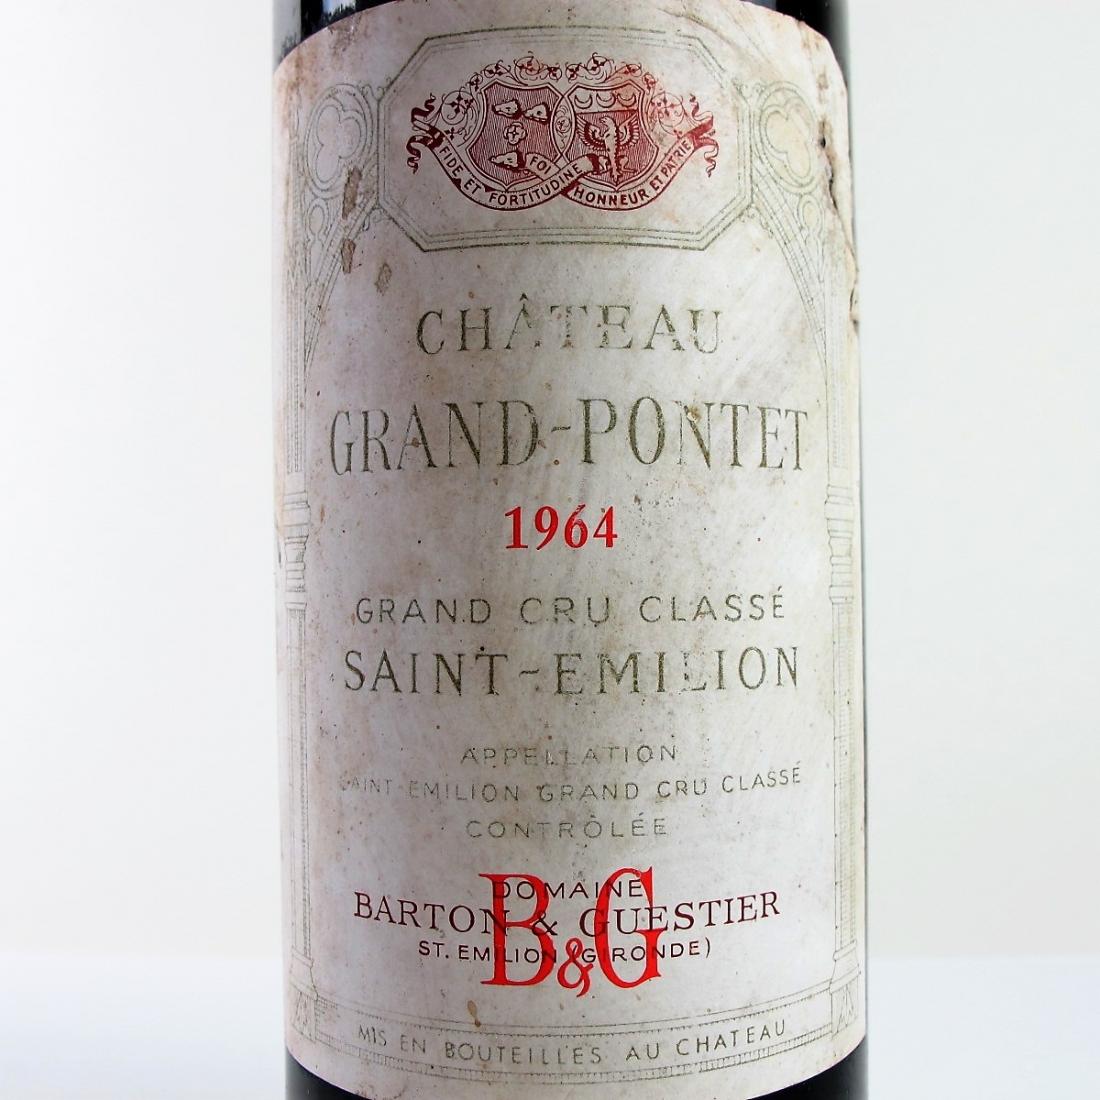 Ch. Grand-Pontet 1964 Saint-Emilion Grand Cru